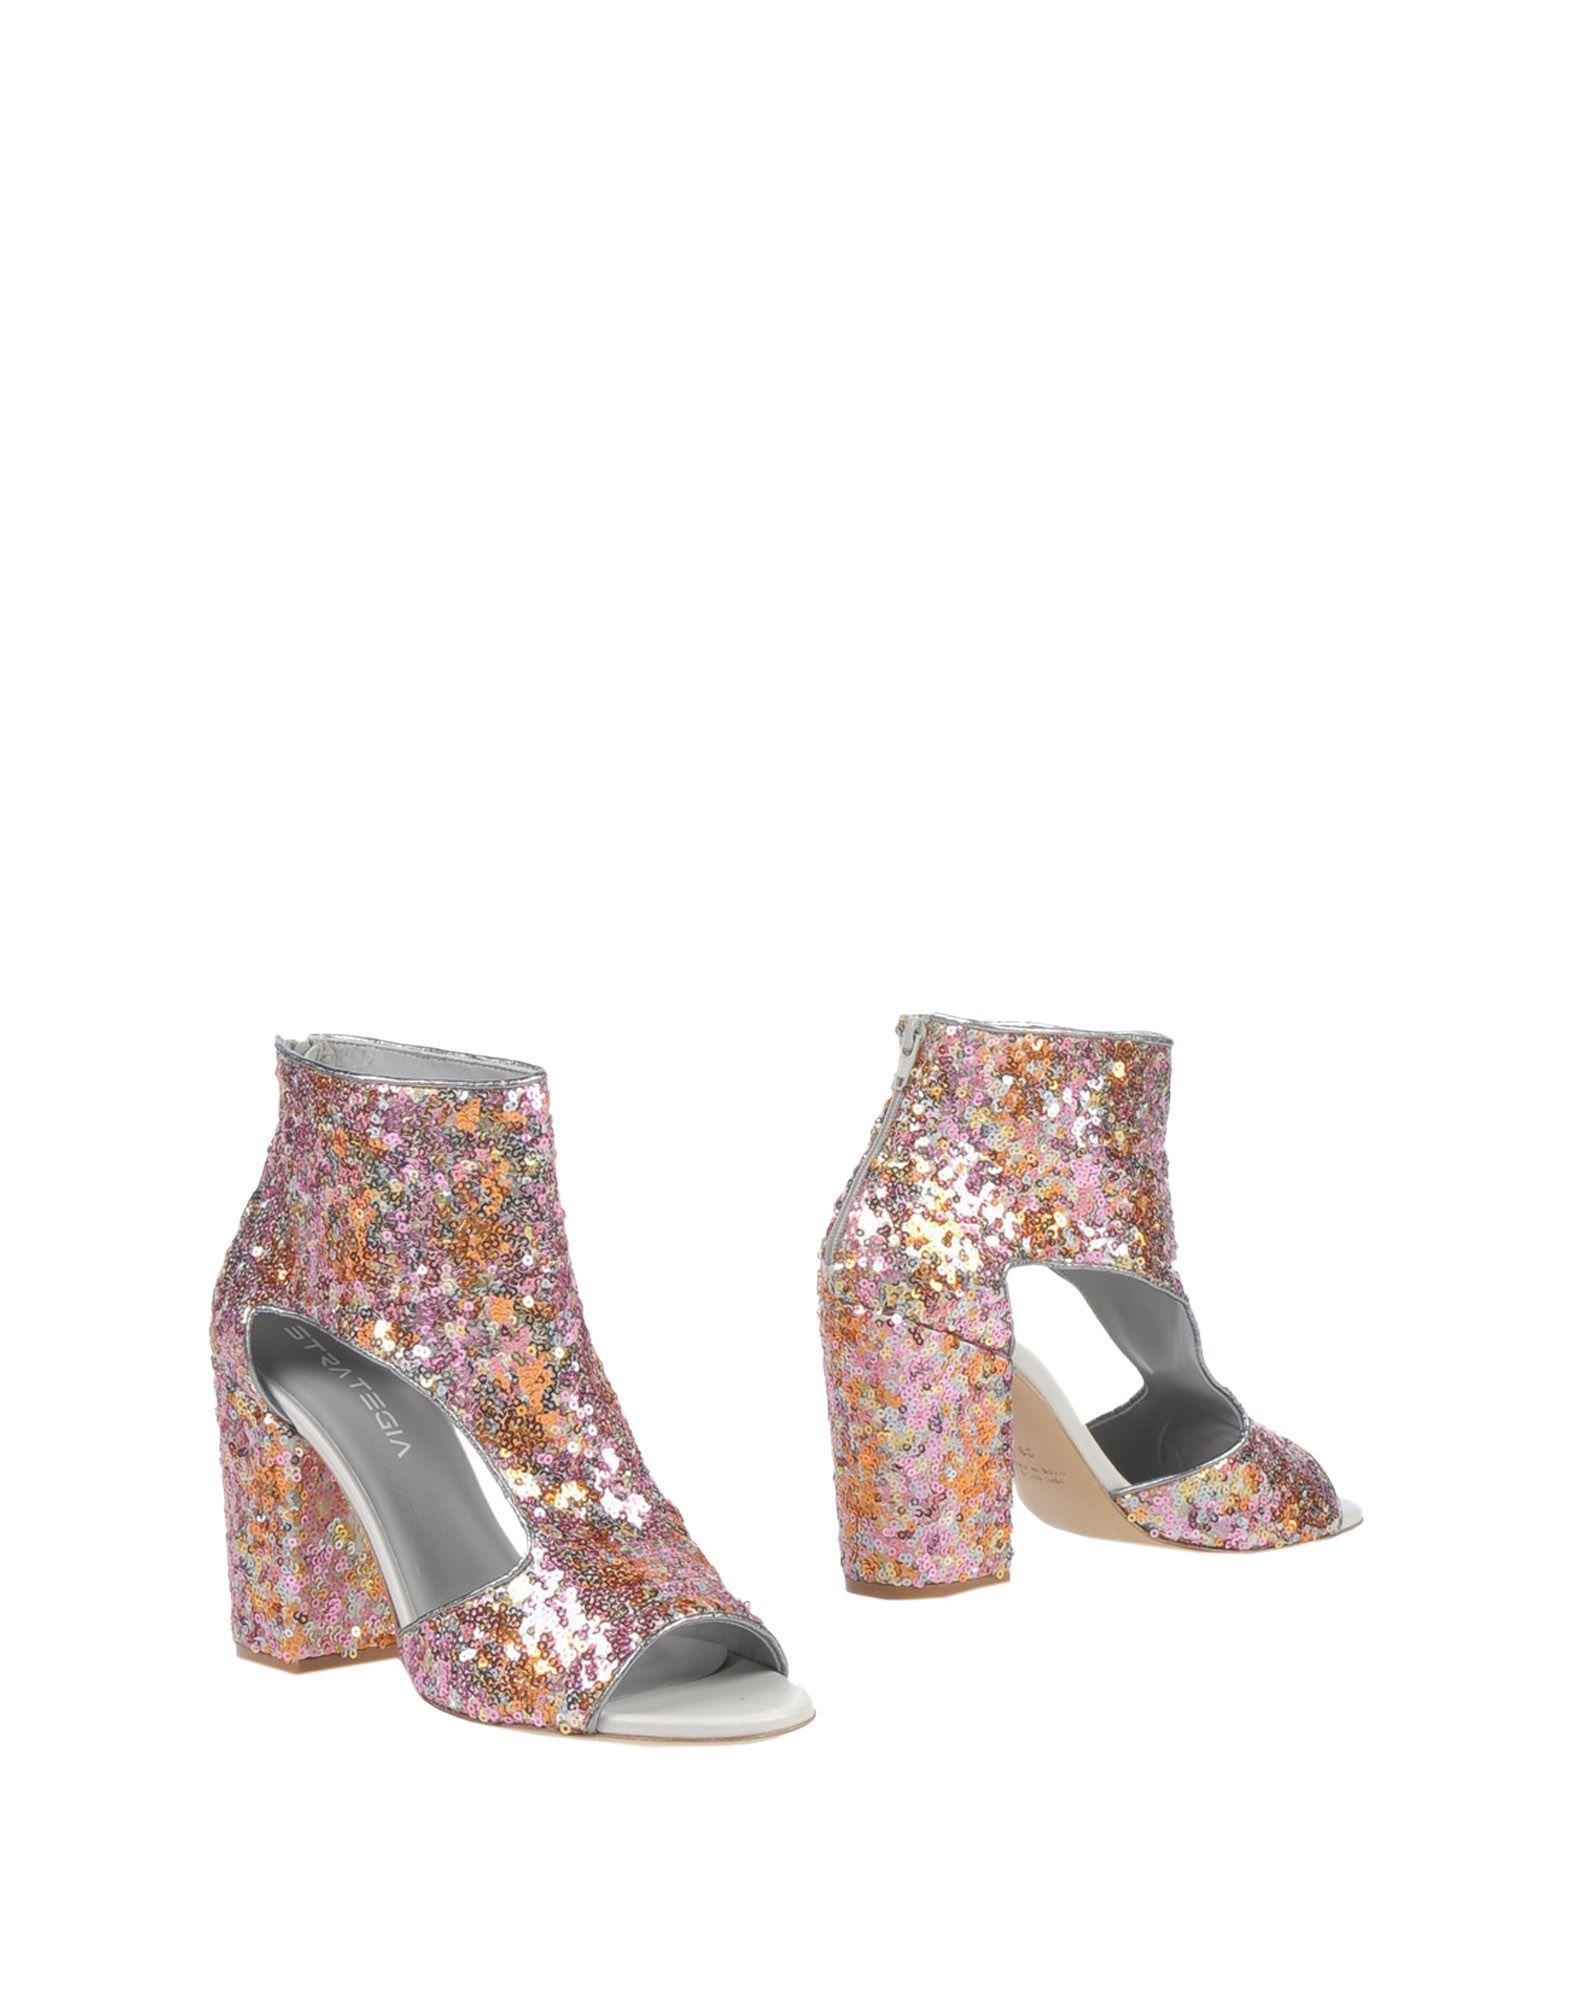 STRATEGIA Полусапоги и высокие ботинки плейбой бренд осенью открытый скалолазания и пешие прогулки досуга для дыхания и водонепроницаемым мужские ботинки